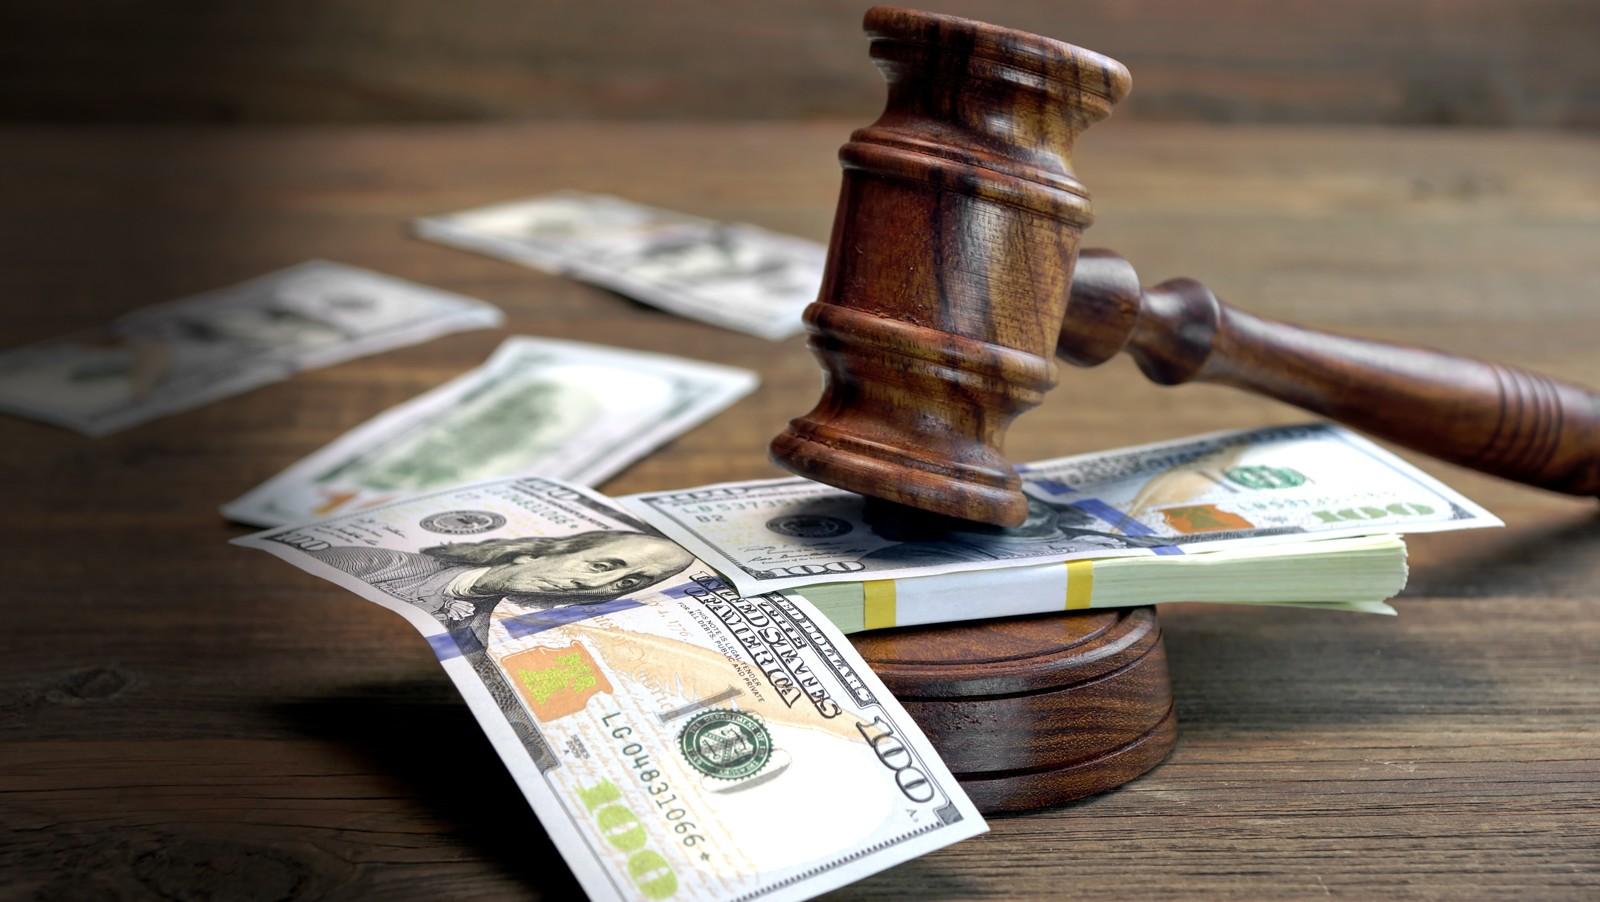 Pennsylvania regulator slaps four casino operators with $62,500 in fines